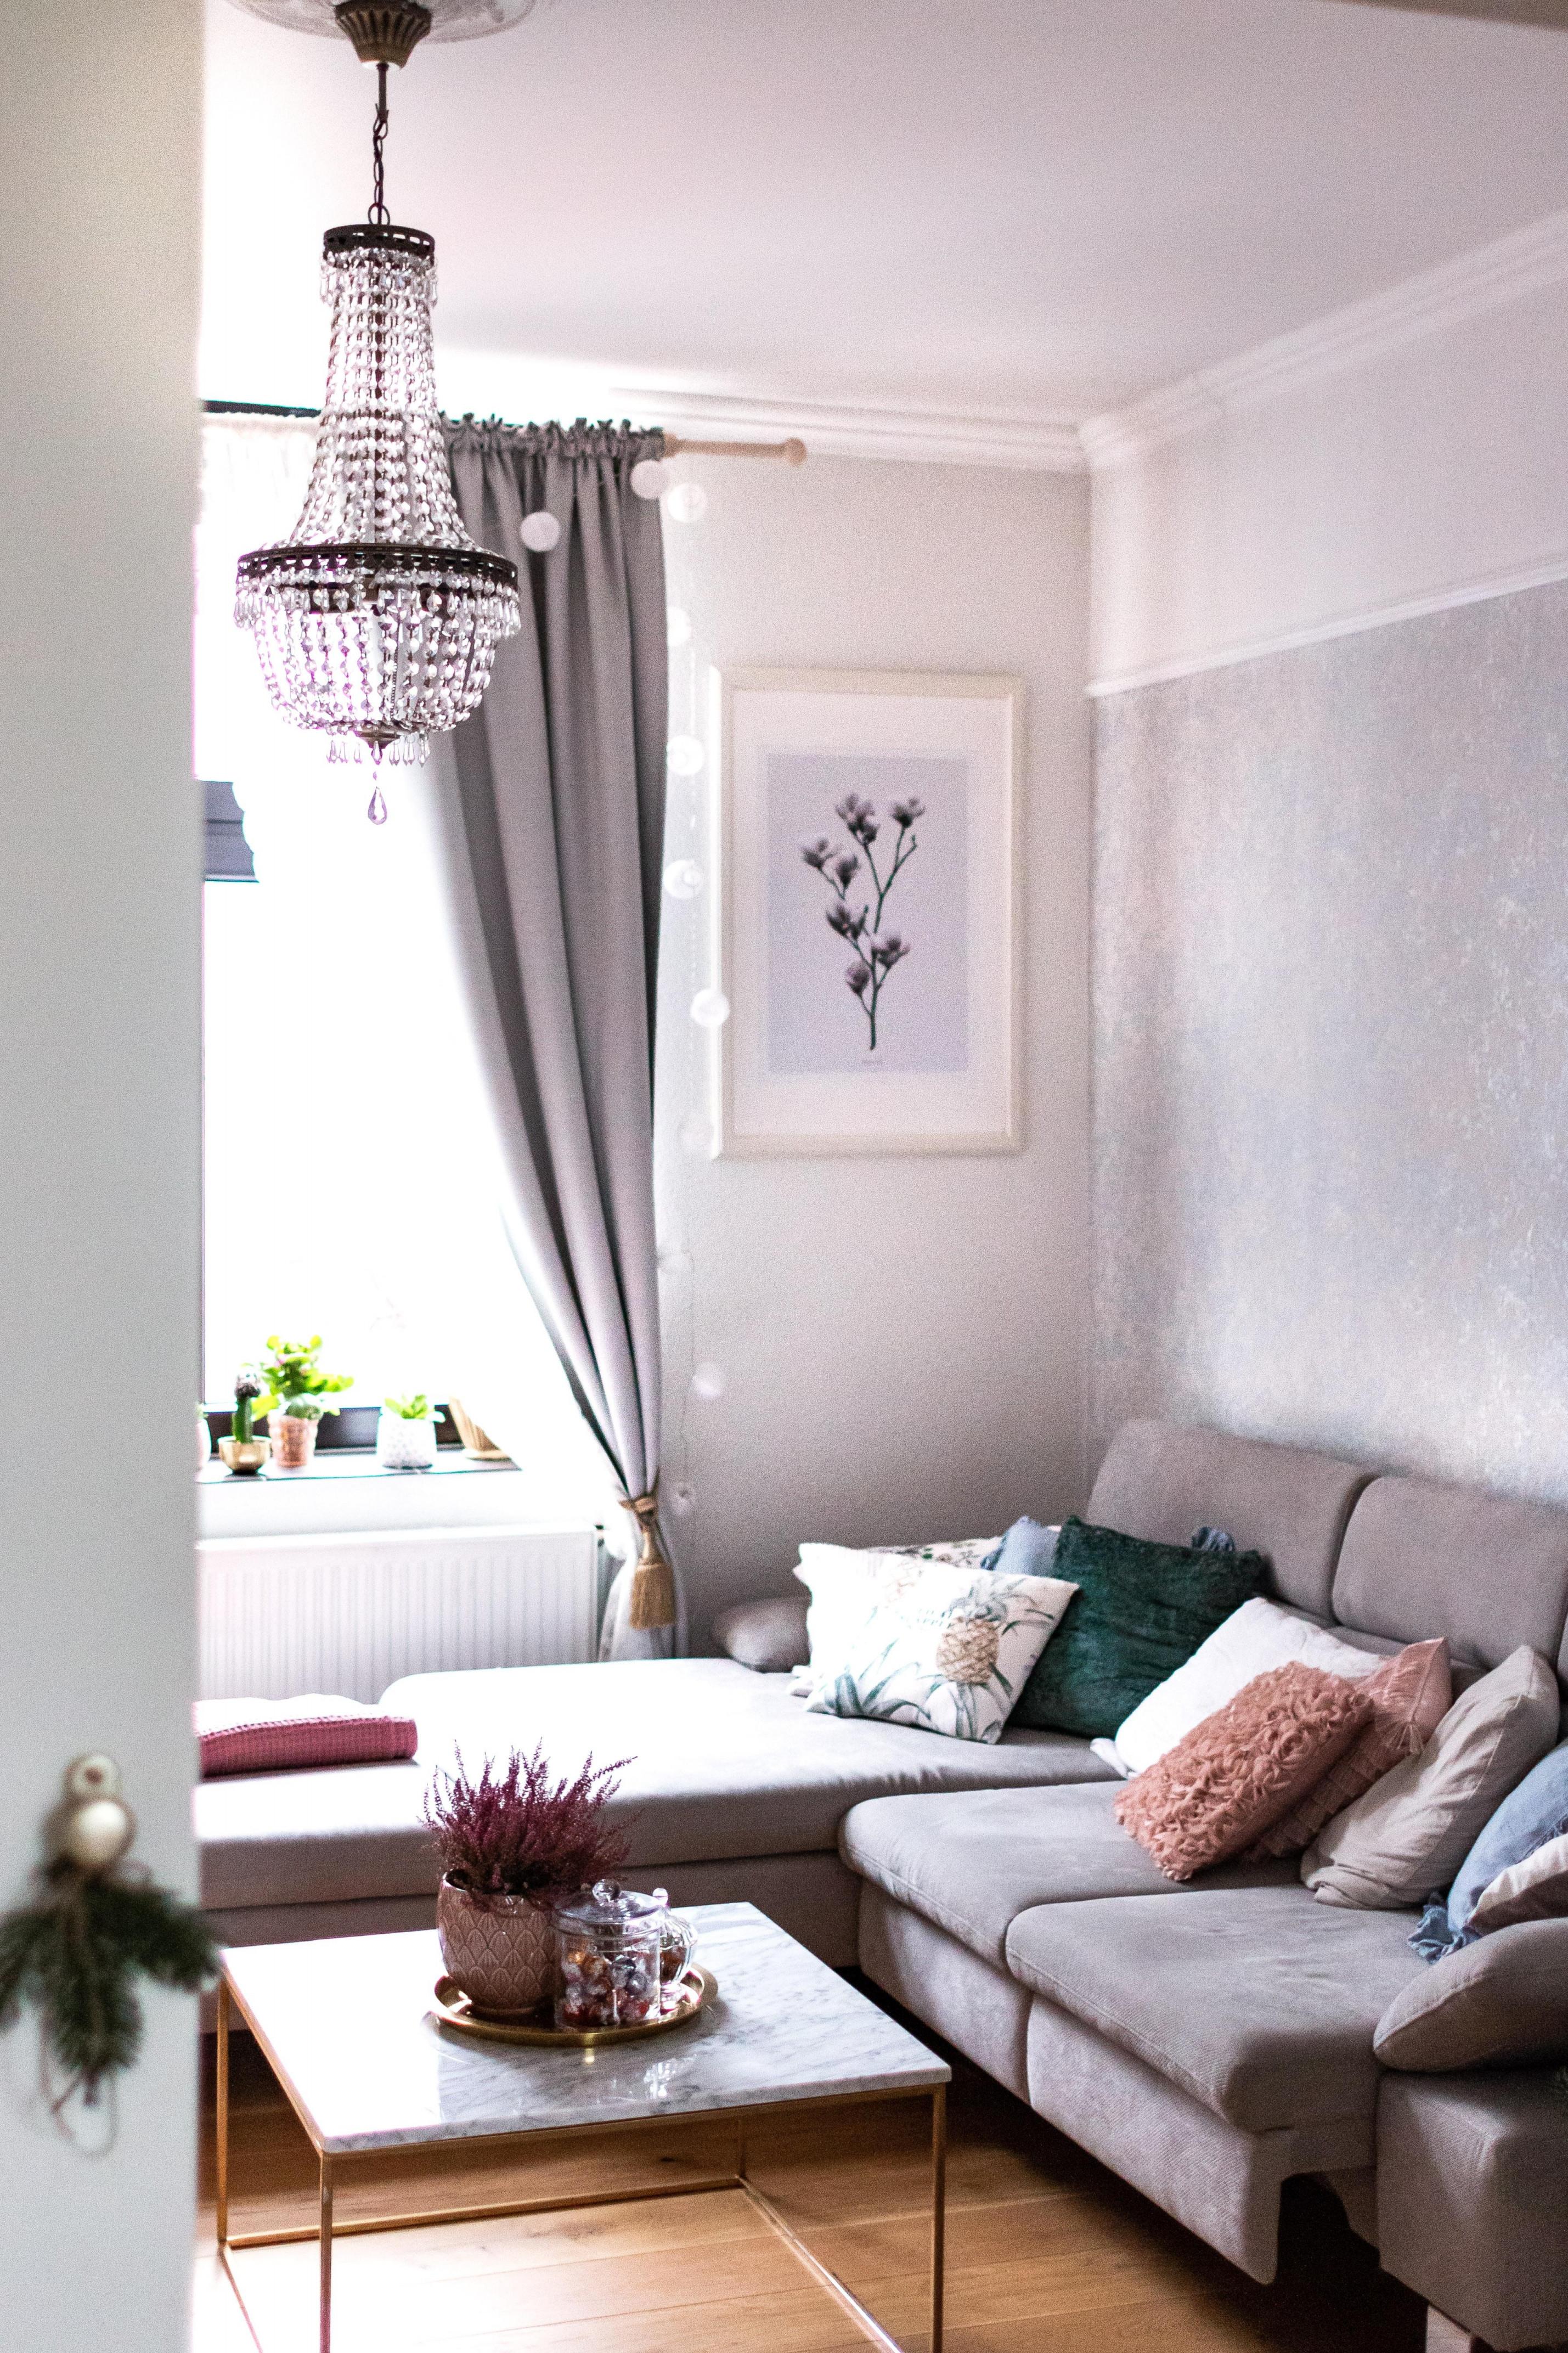 Gemütliches Wohnzimmer So Schaffst Du Eine Kuscheloase von Wohnzimmer Einrichten Gemütlich Photo